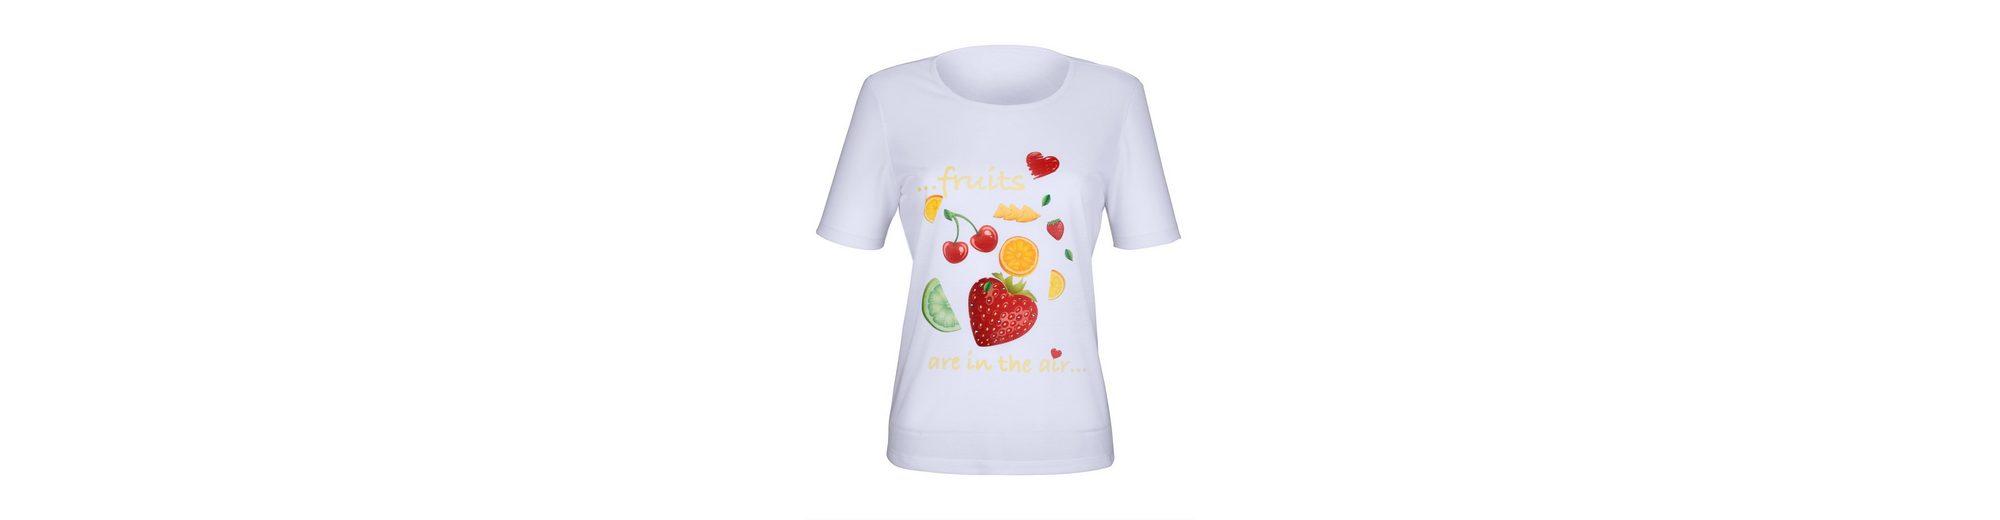 Dress In Shirt mit sommerlichem Früchtedruck Modisch Günstiger Preis Billig Billig Auslass Günstigsten Preis Zuverlässig Günstig Kaufen Niedrige Versandkosten f483YJQ1E